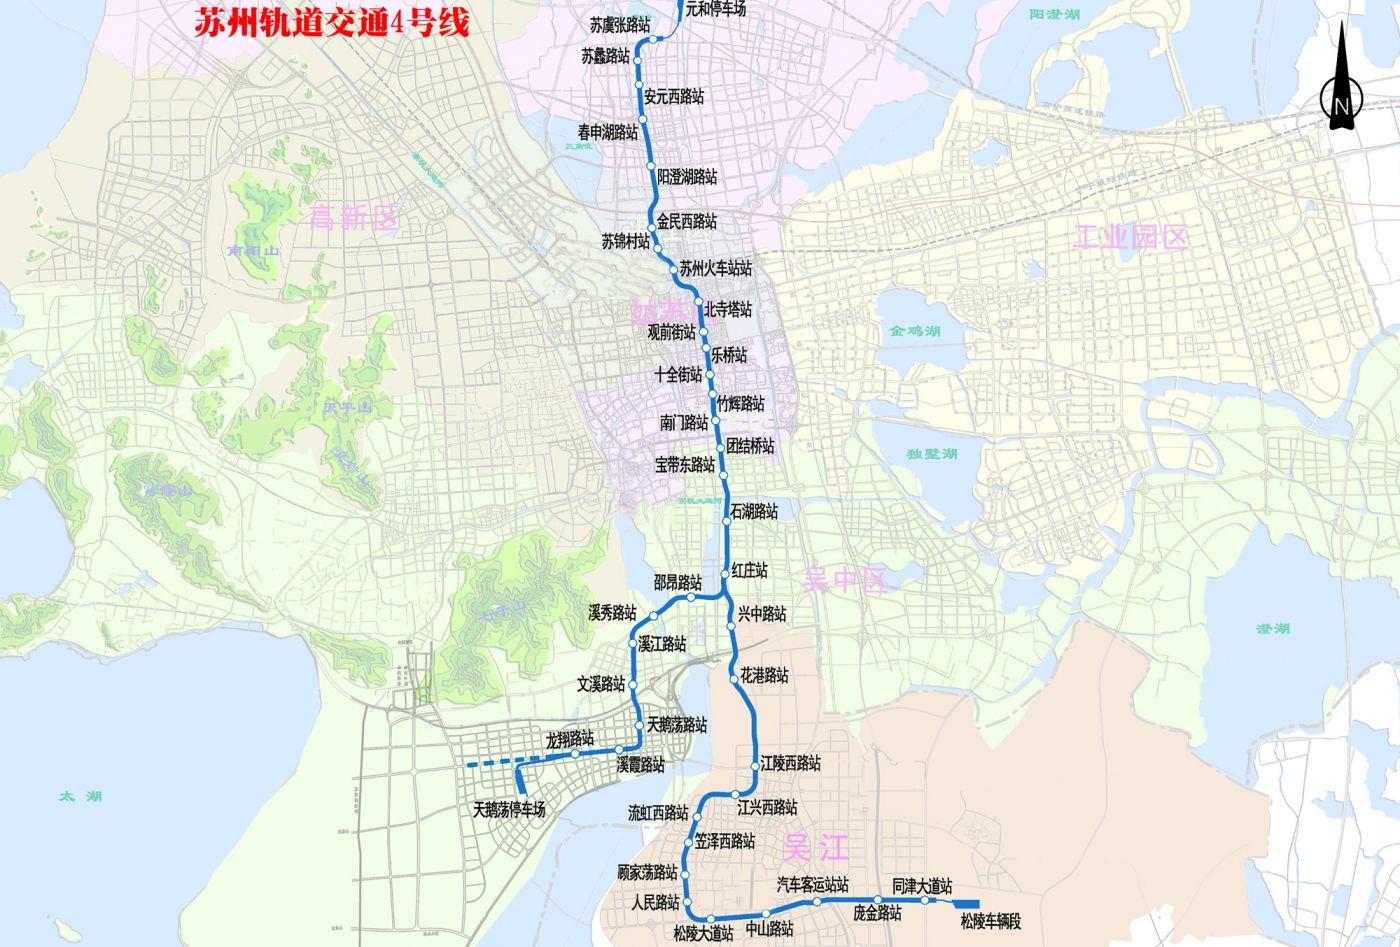 西安地铁4号线线路图壁纸,深圳地铁3号线线路图,南京地铁四号线线图片